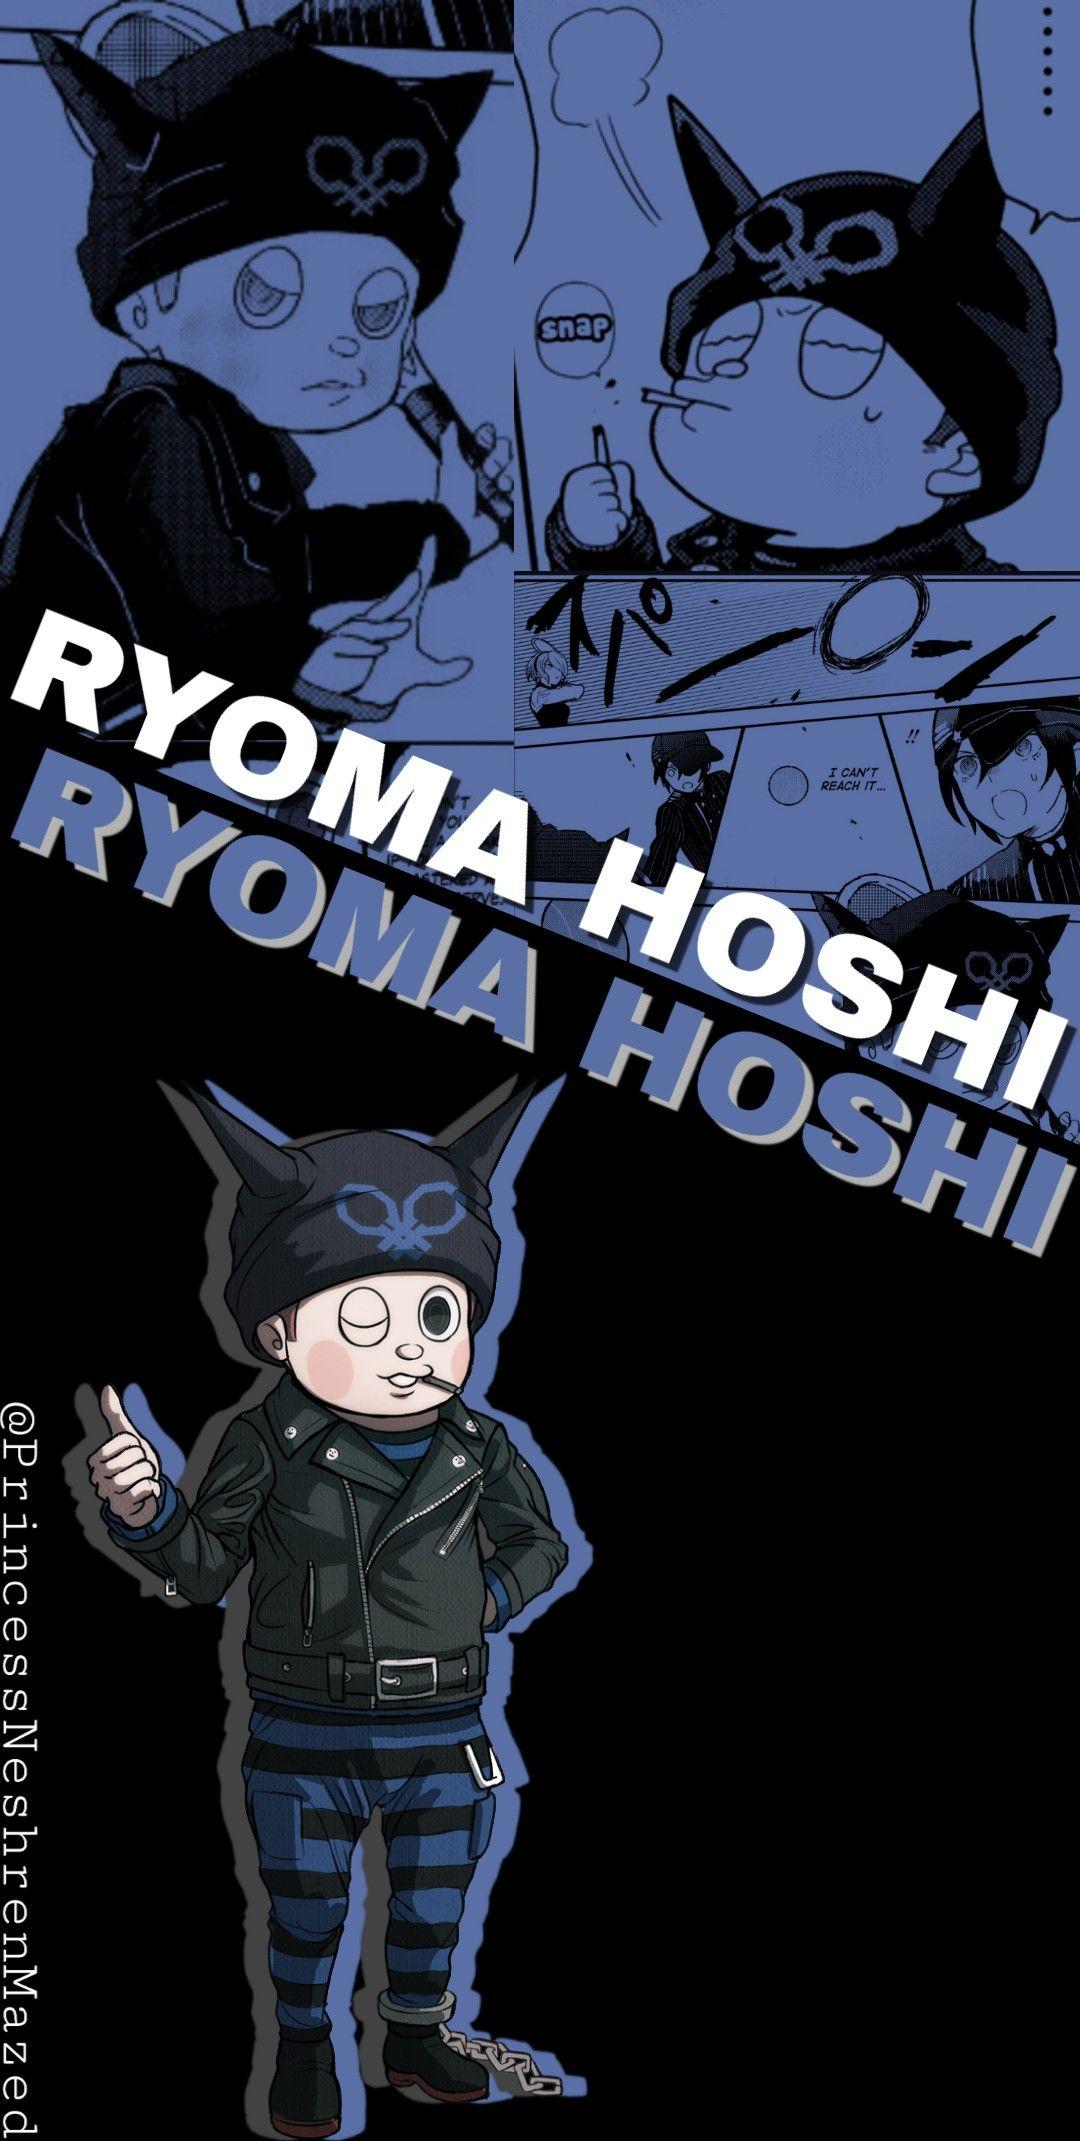 Ryoma Hoshi Wallpaper Danganronpa Hoshi Danganronpa Characters #danganronpa #danganronpa v3 #drv3 #ndrv3 #kaede akamatsu #rantaro amami #shuichi saihara #kirumi tojo #ryoma hoshi #himiko yumeno. ryoma hoshi wallpaper danganronpa